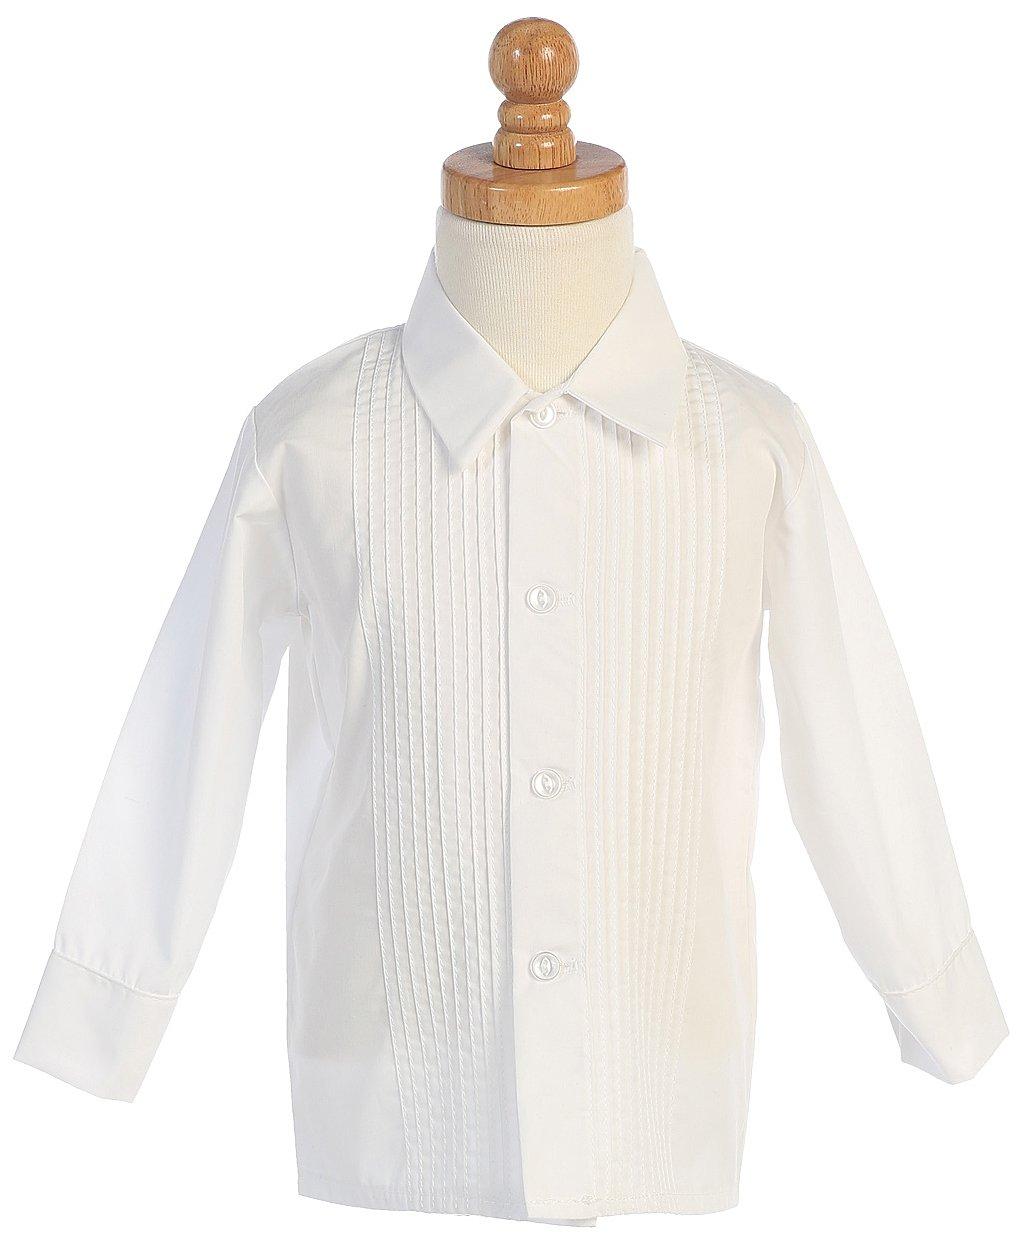 Boys White Long Sleeved Child's Pleated Tuxedo Dress Shirt - 2T